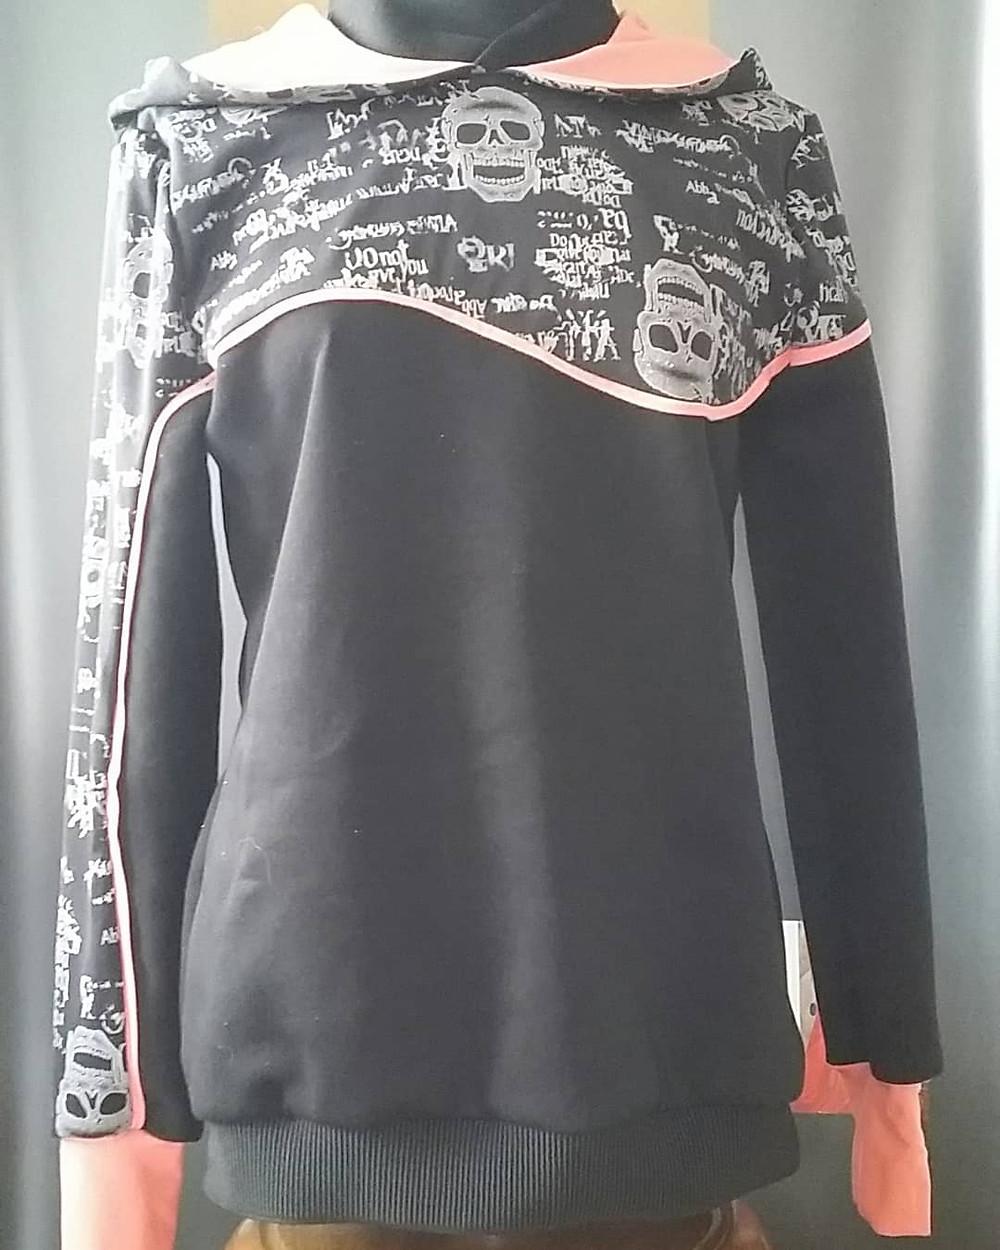 Pullover aus Materialmix, Passe an Vorder- und Rückteil, asymmetrischen Ärmeln, Bündchen und Paspel in Kontrast